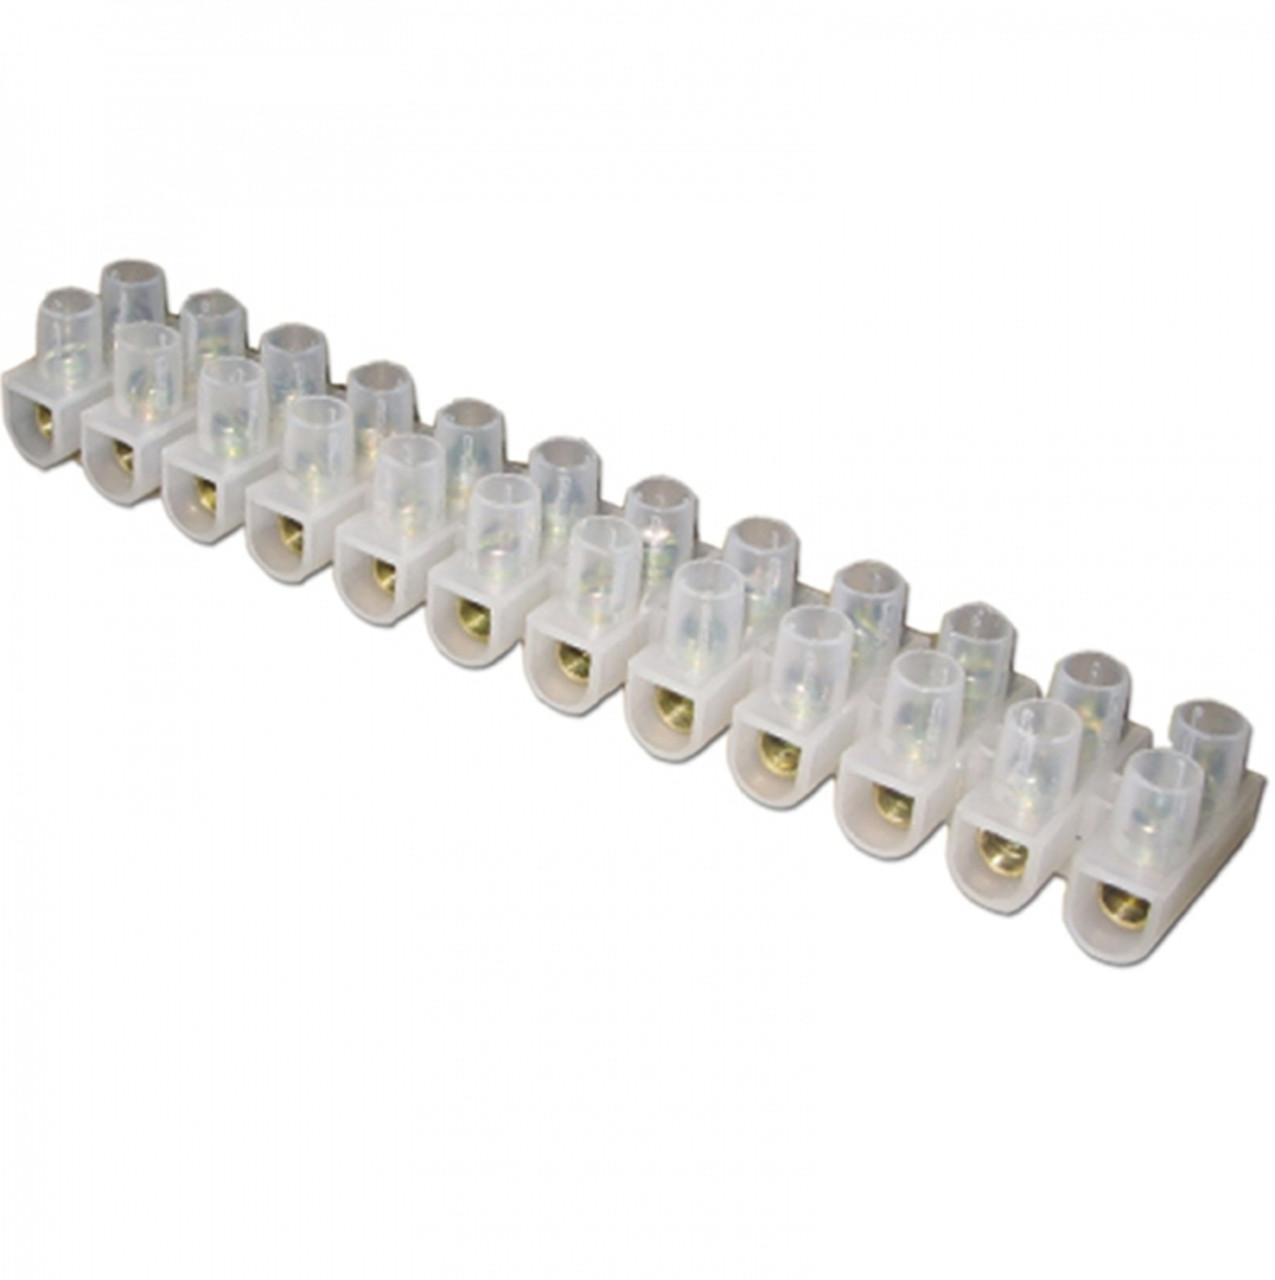 Клеммные колодки полиэтиленовые 100 А (по 12 шт. в колодке)